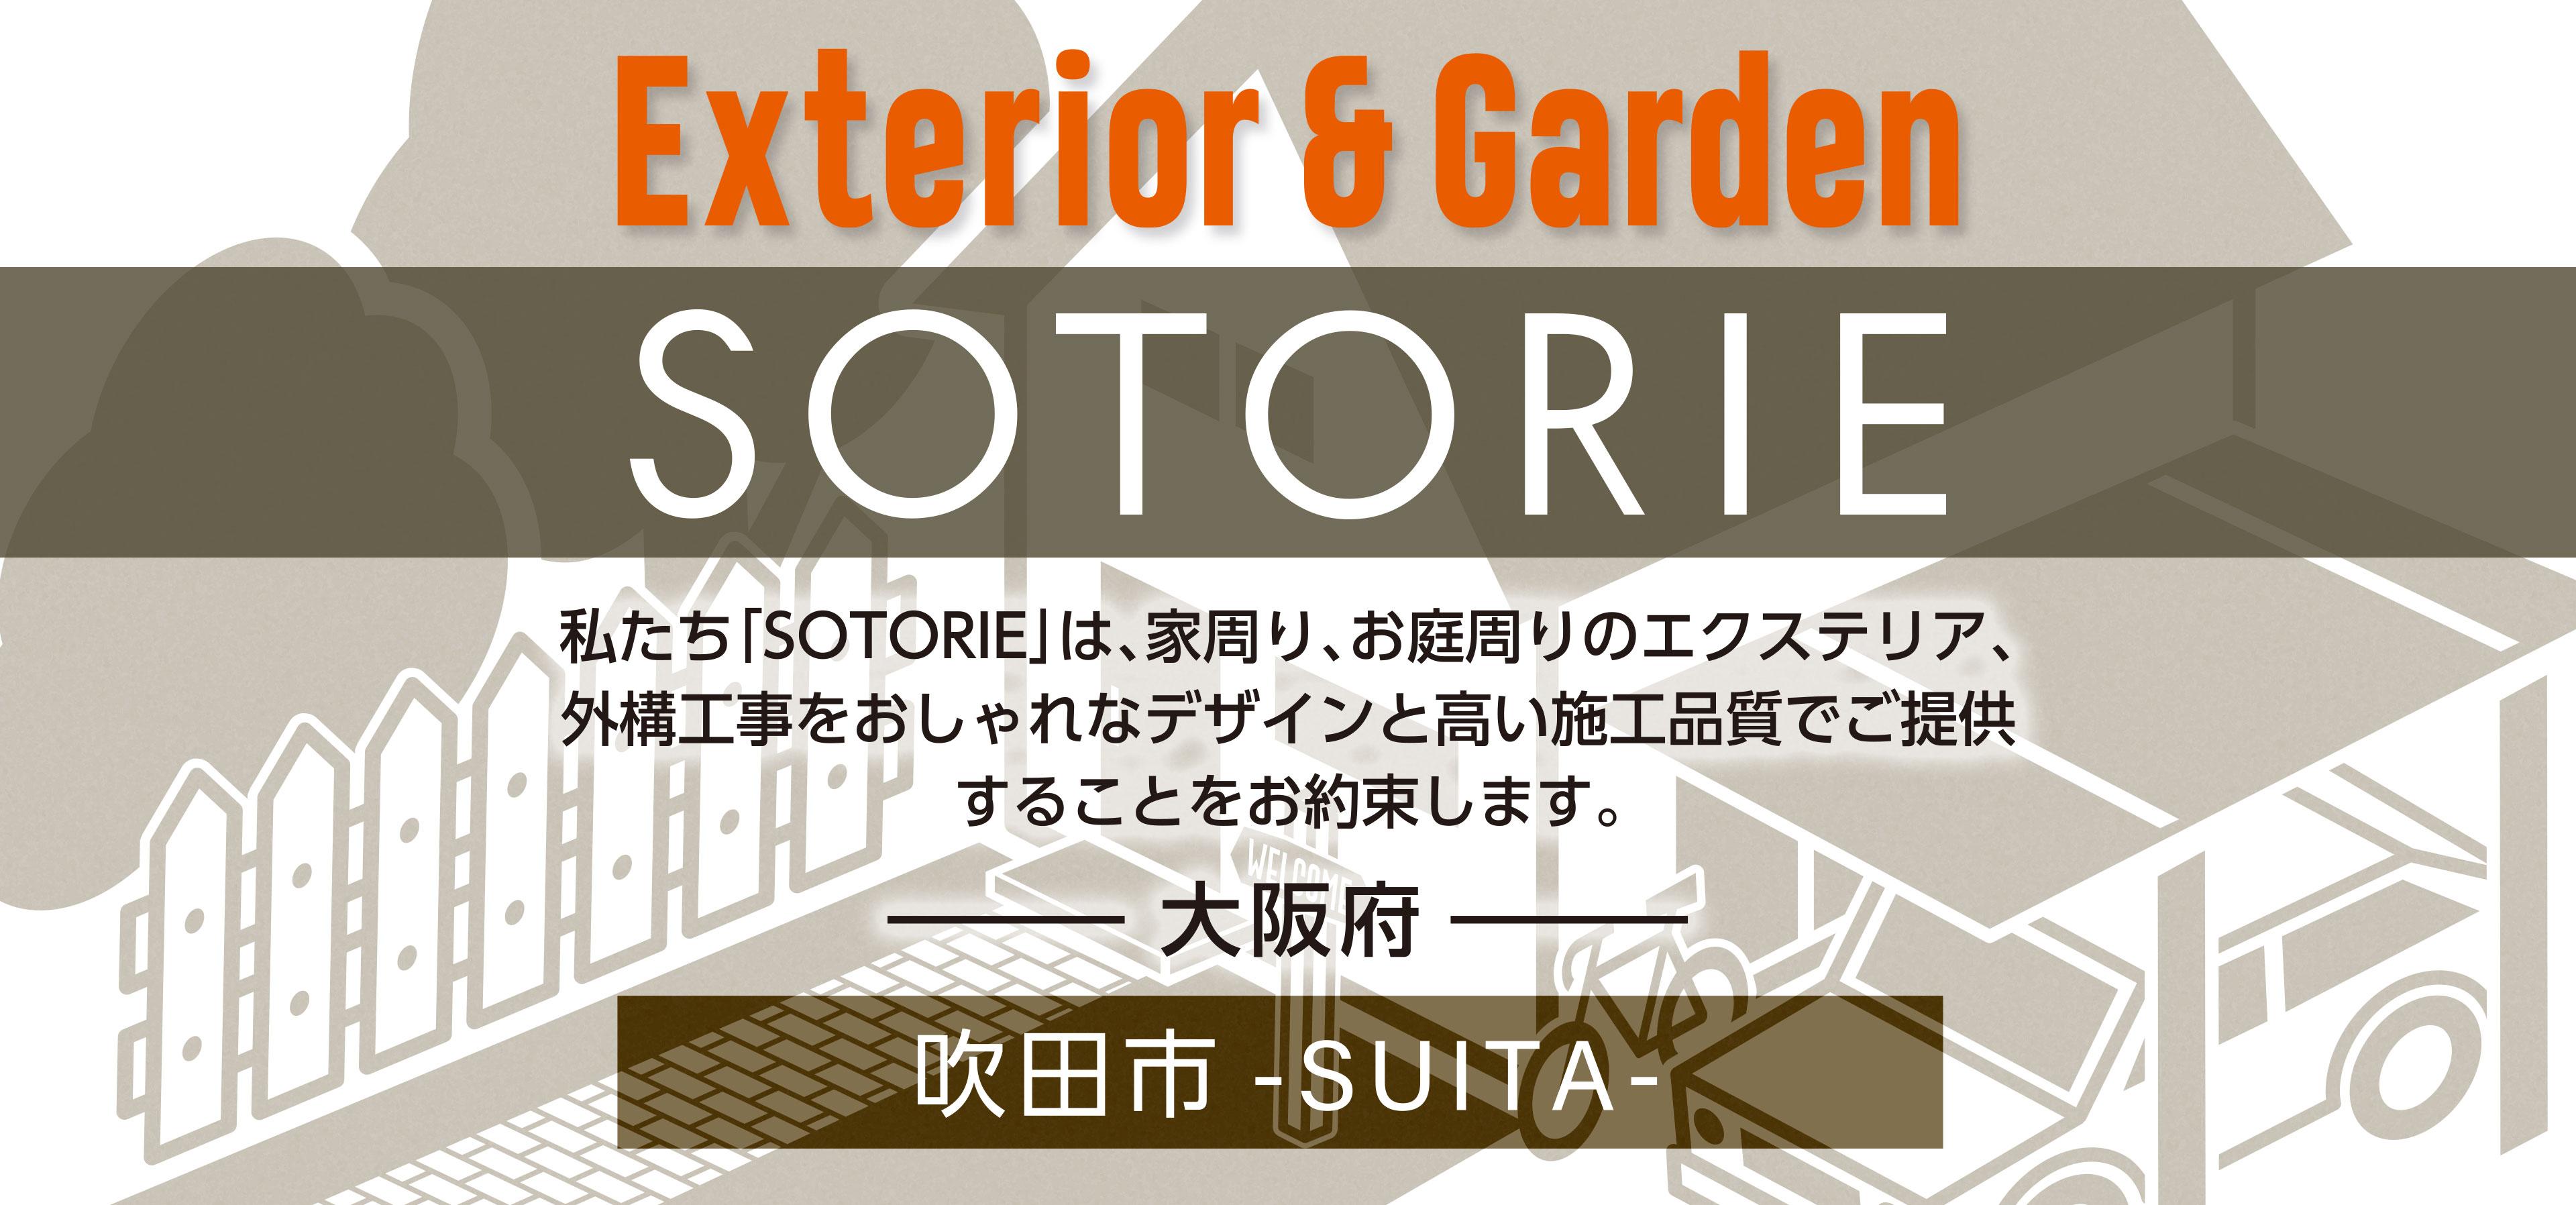 ソトリエ吹田市では、家周りと庭周りの外構、エクステリア工事をおしゃれなデザインと高い施工品質でご提供することをお約束します。